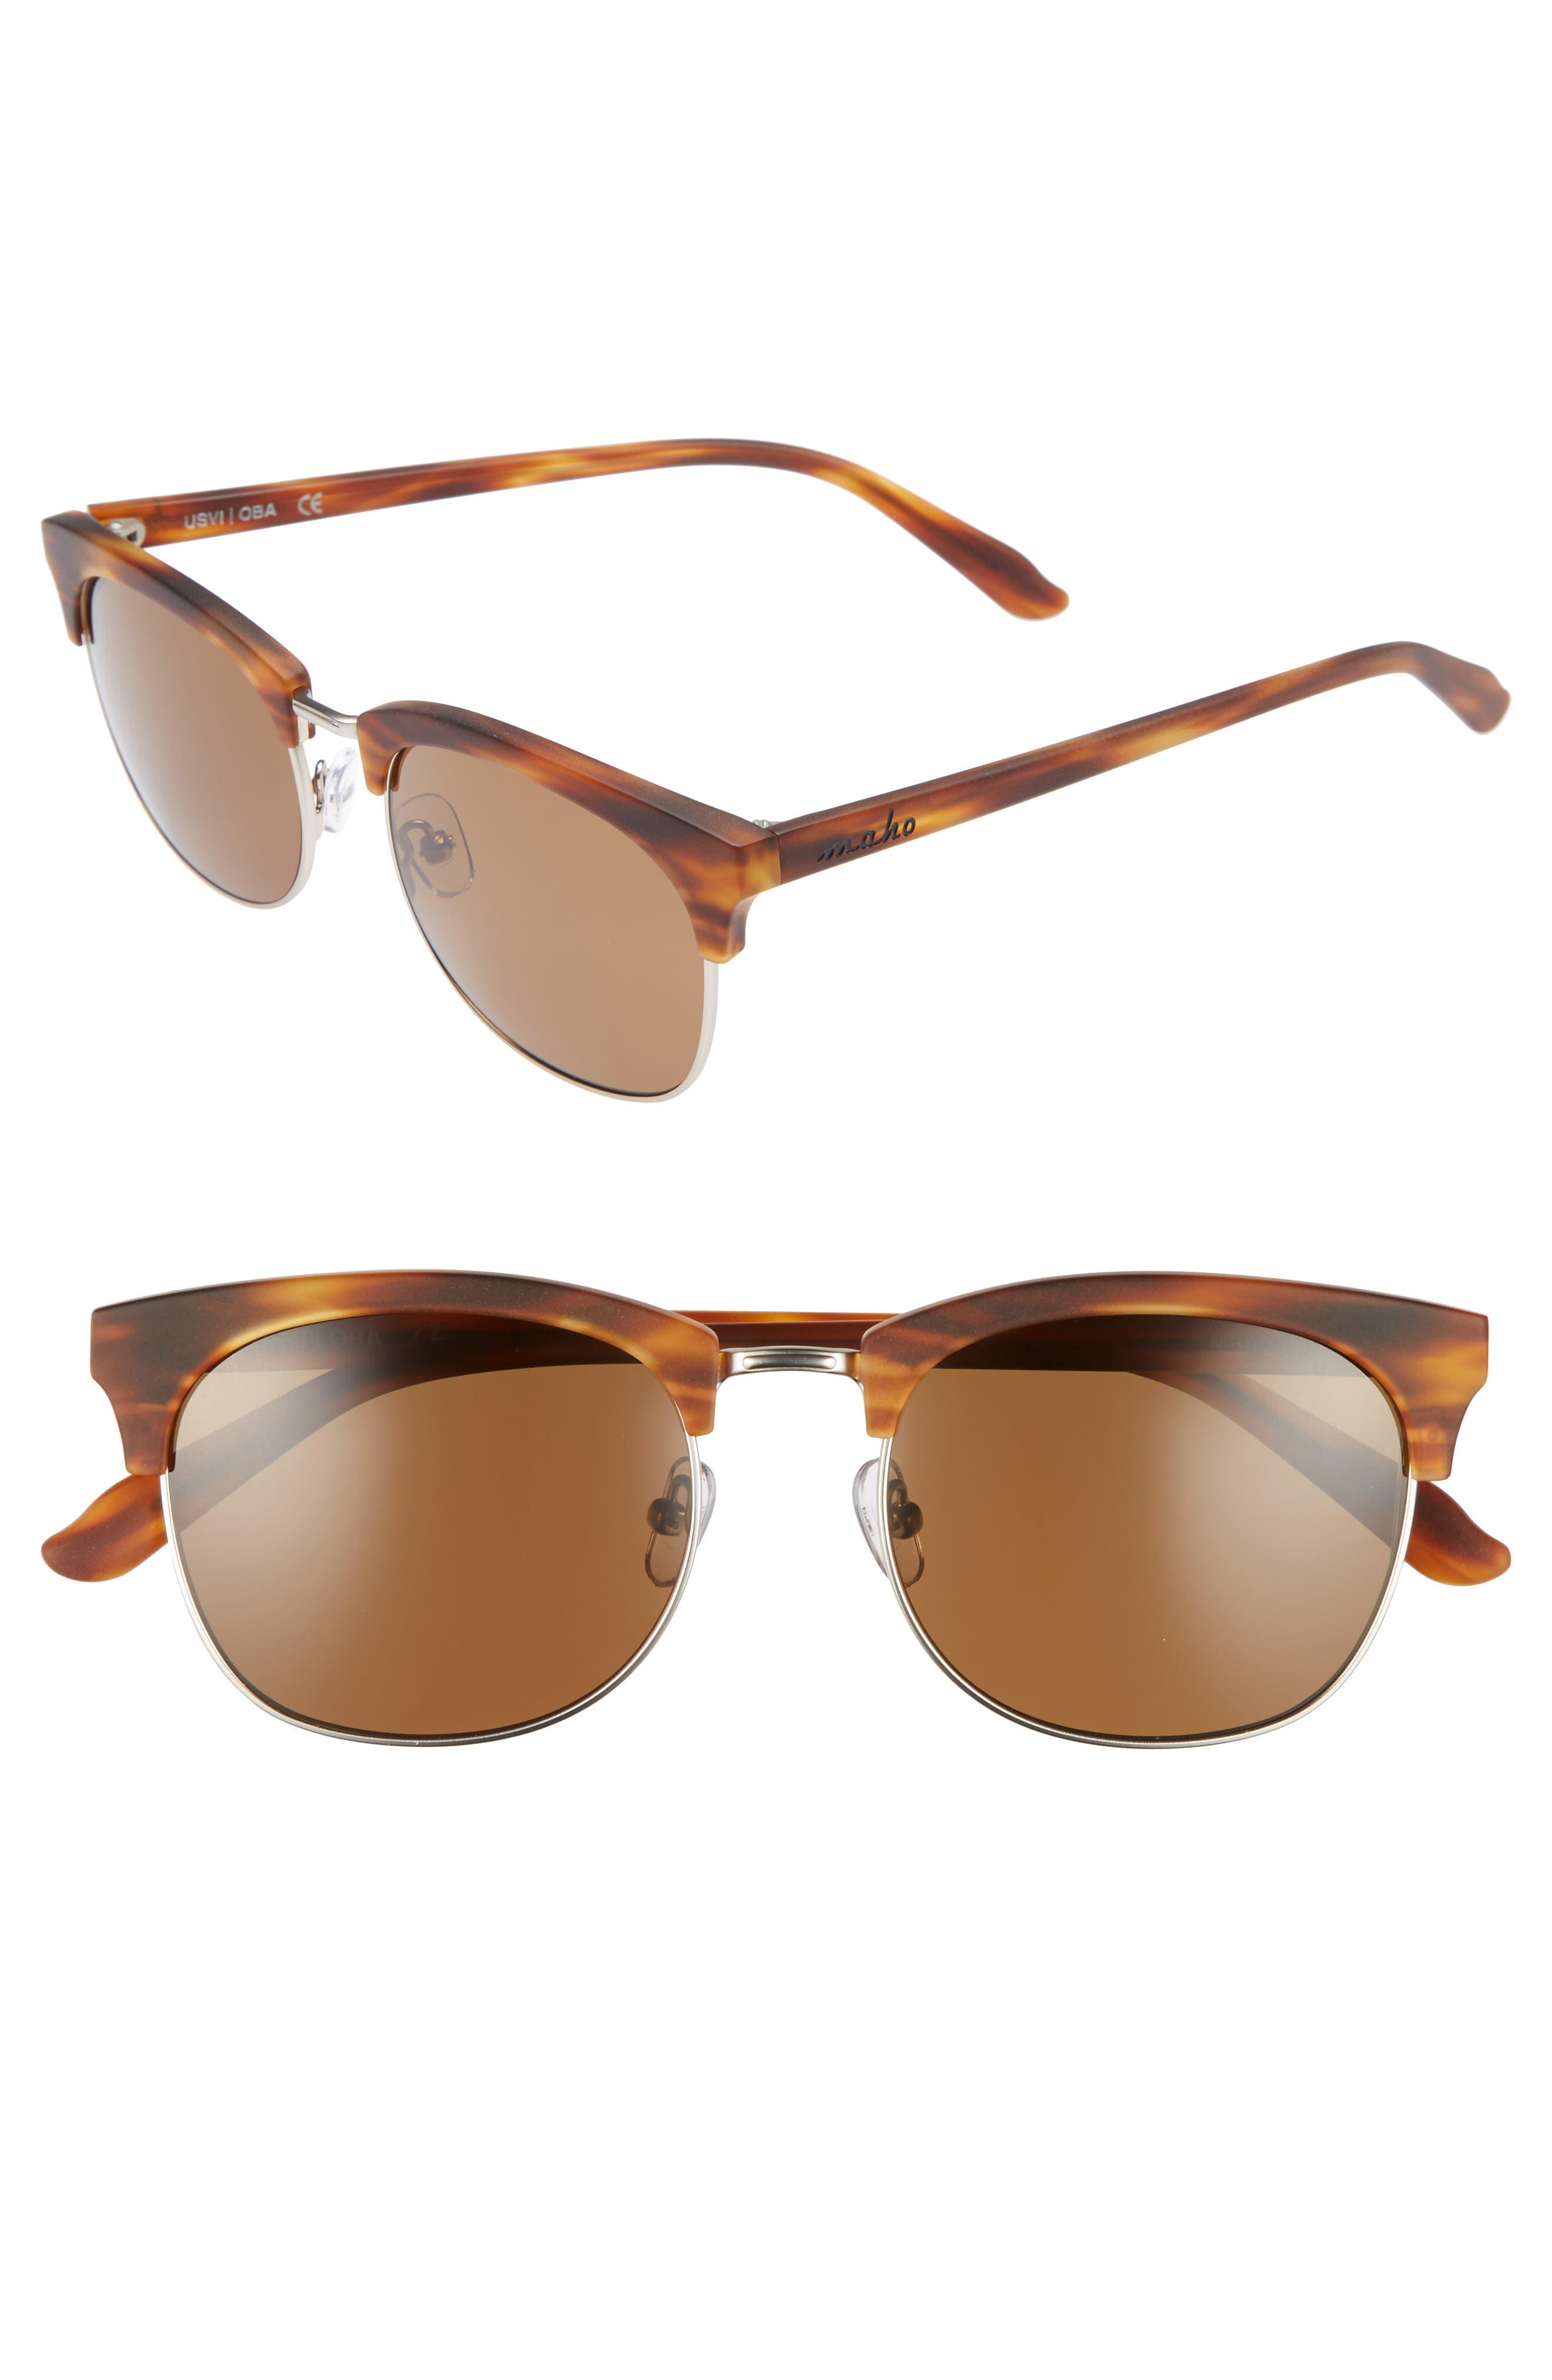 Maho Mandalay 52mm Polarized Sunglasses